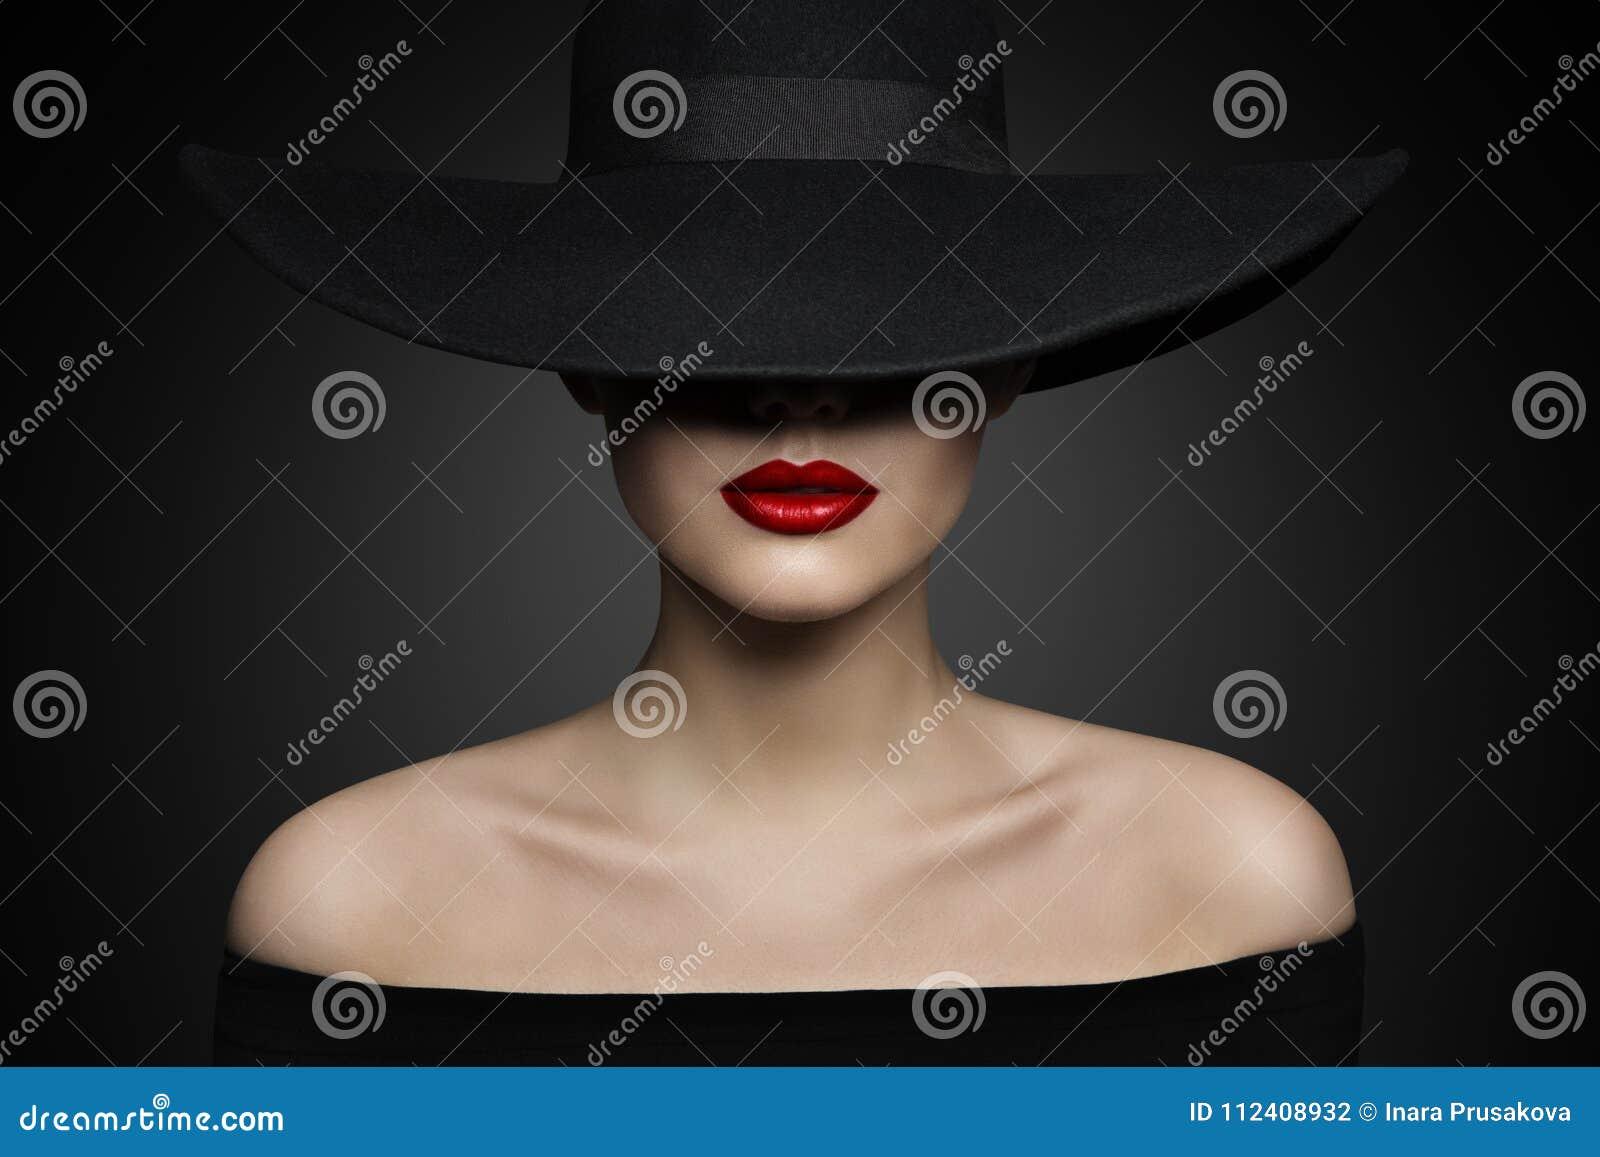 Labbra del cappello della donna e spalla, modello di moda elegante in black hat